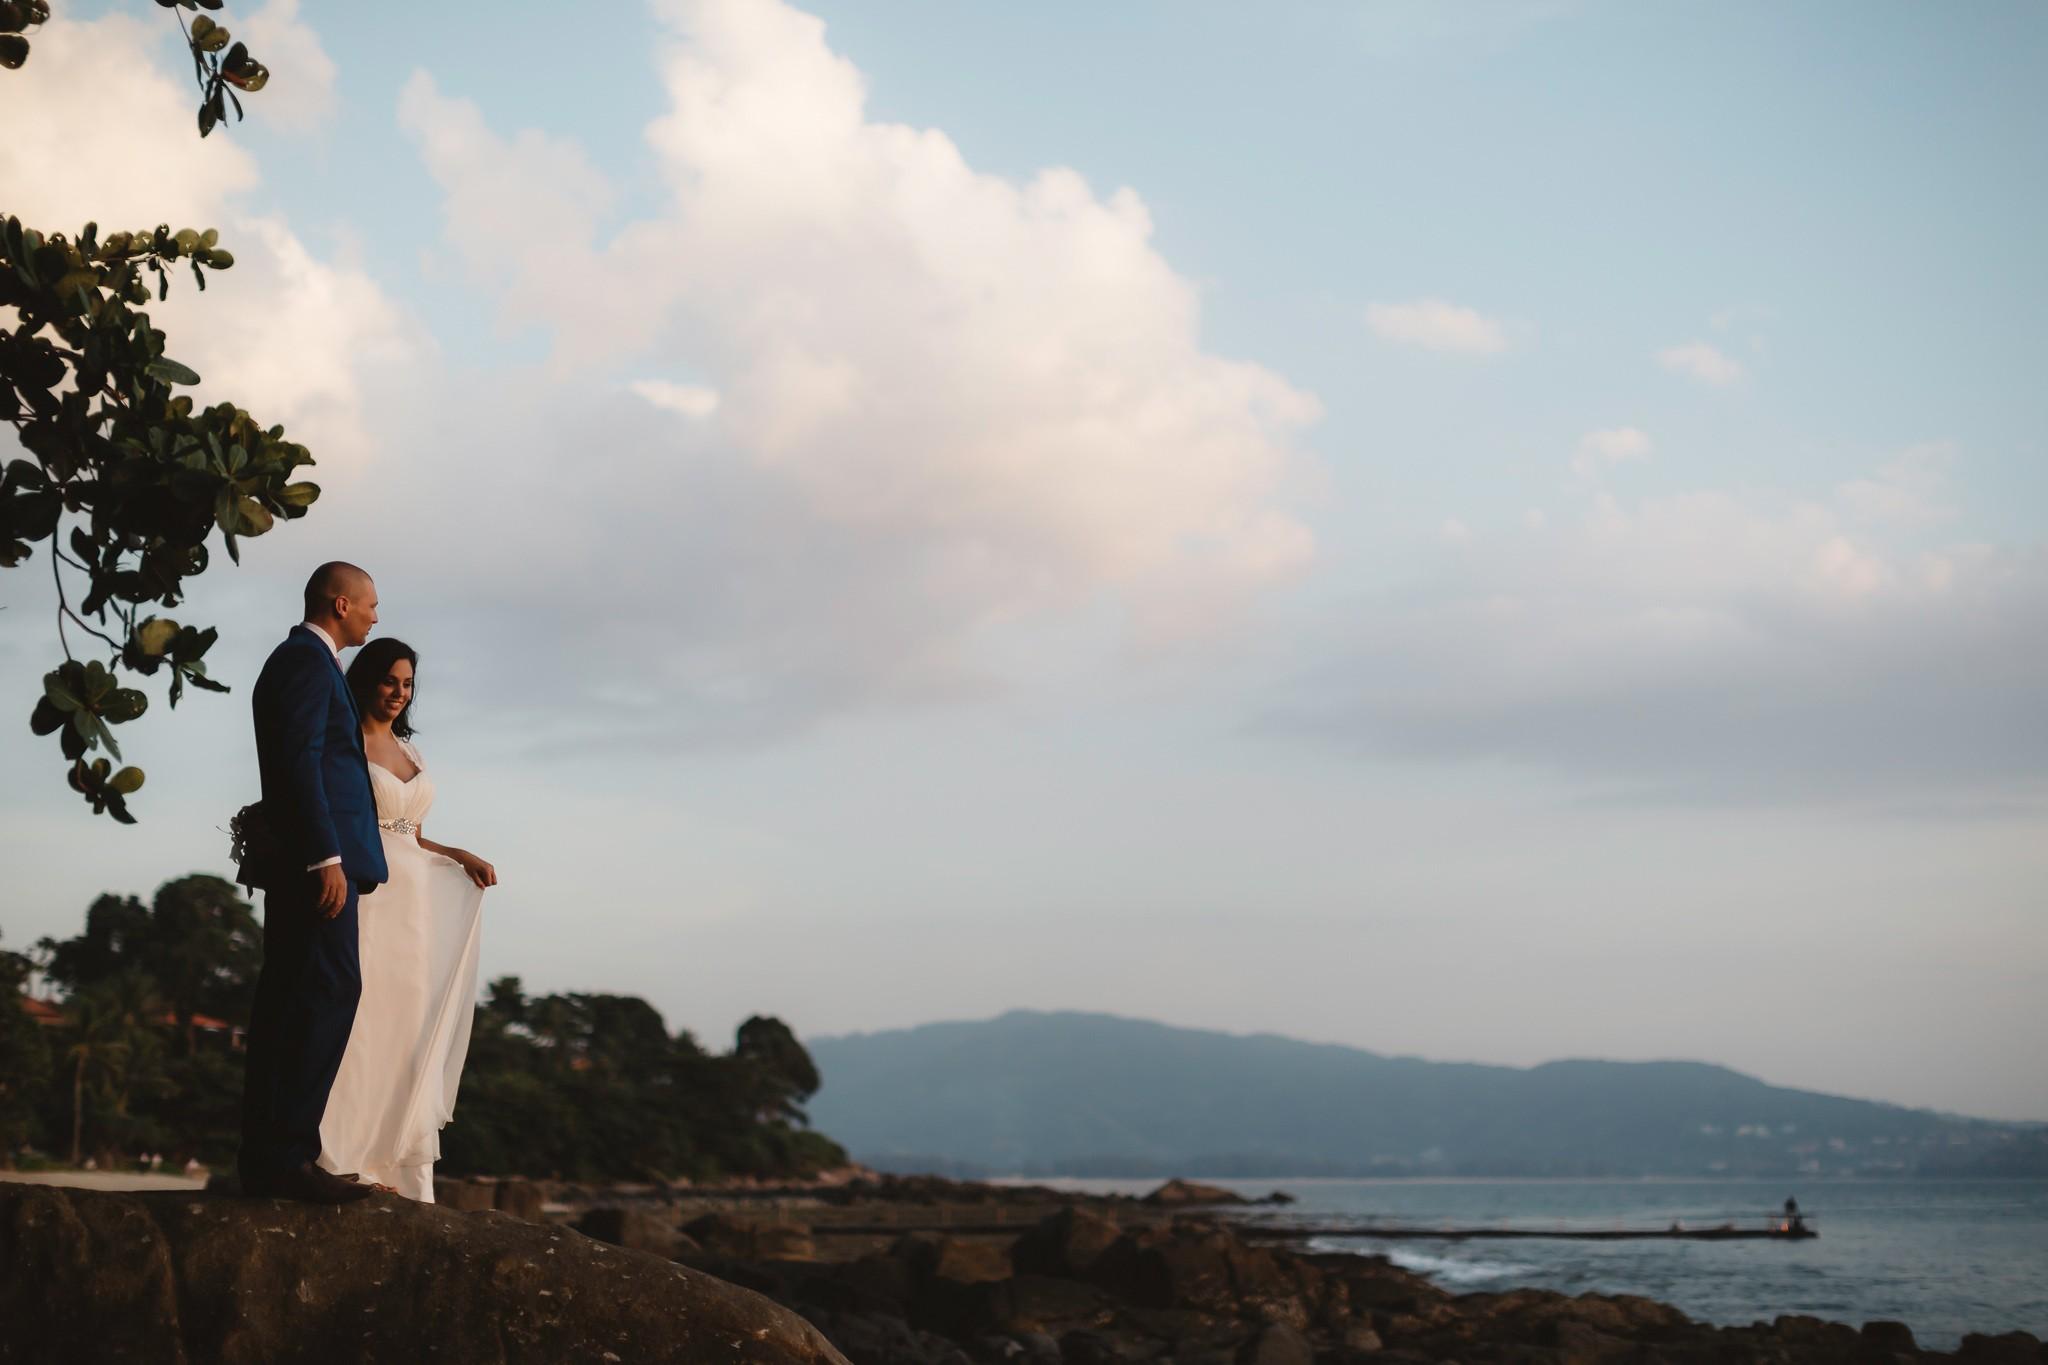 thailand weddings packages villa beach resort wedding thailand